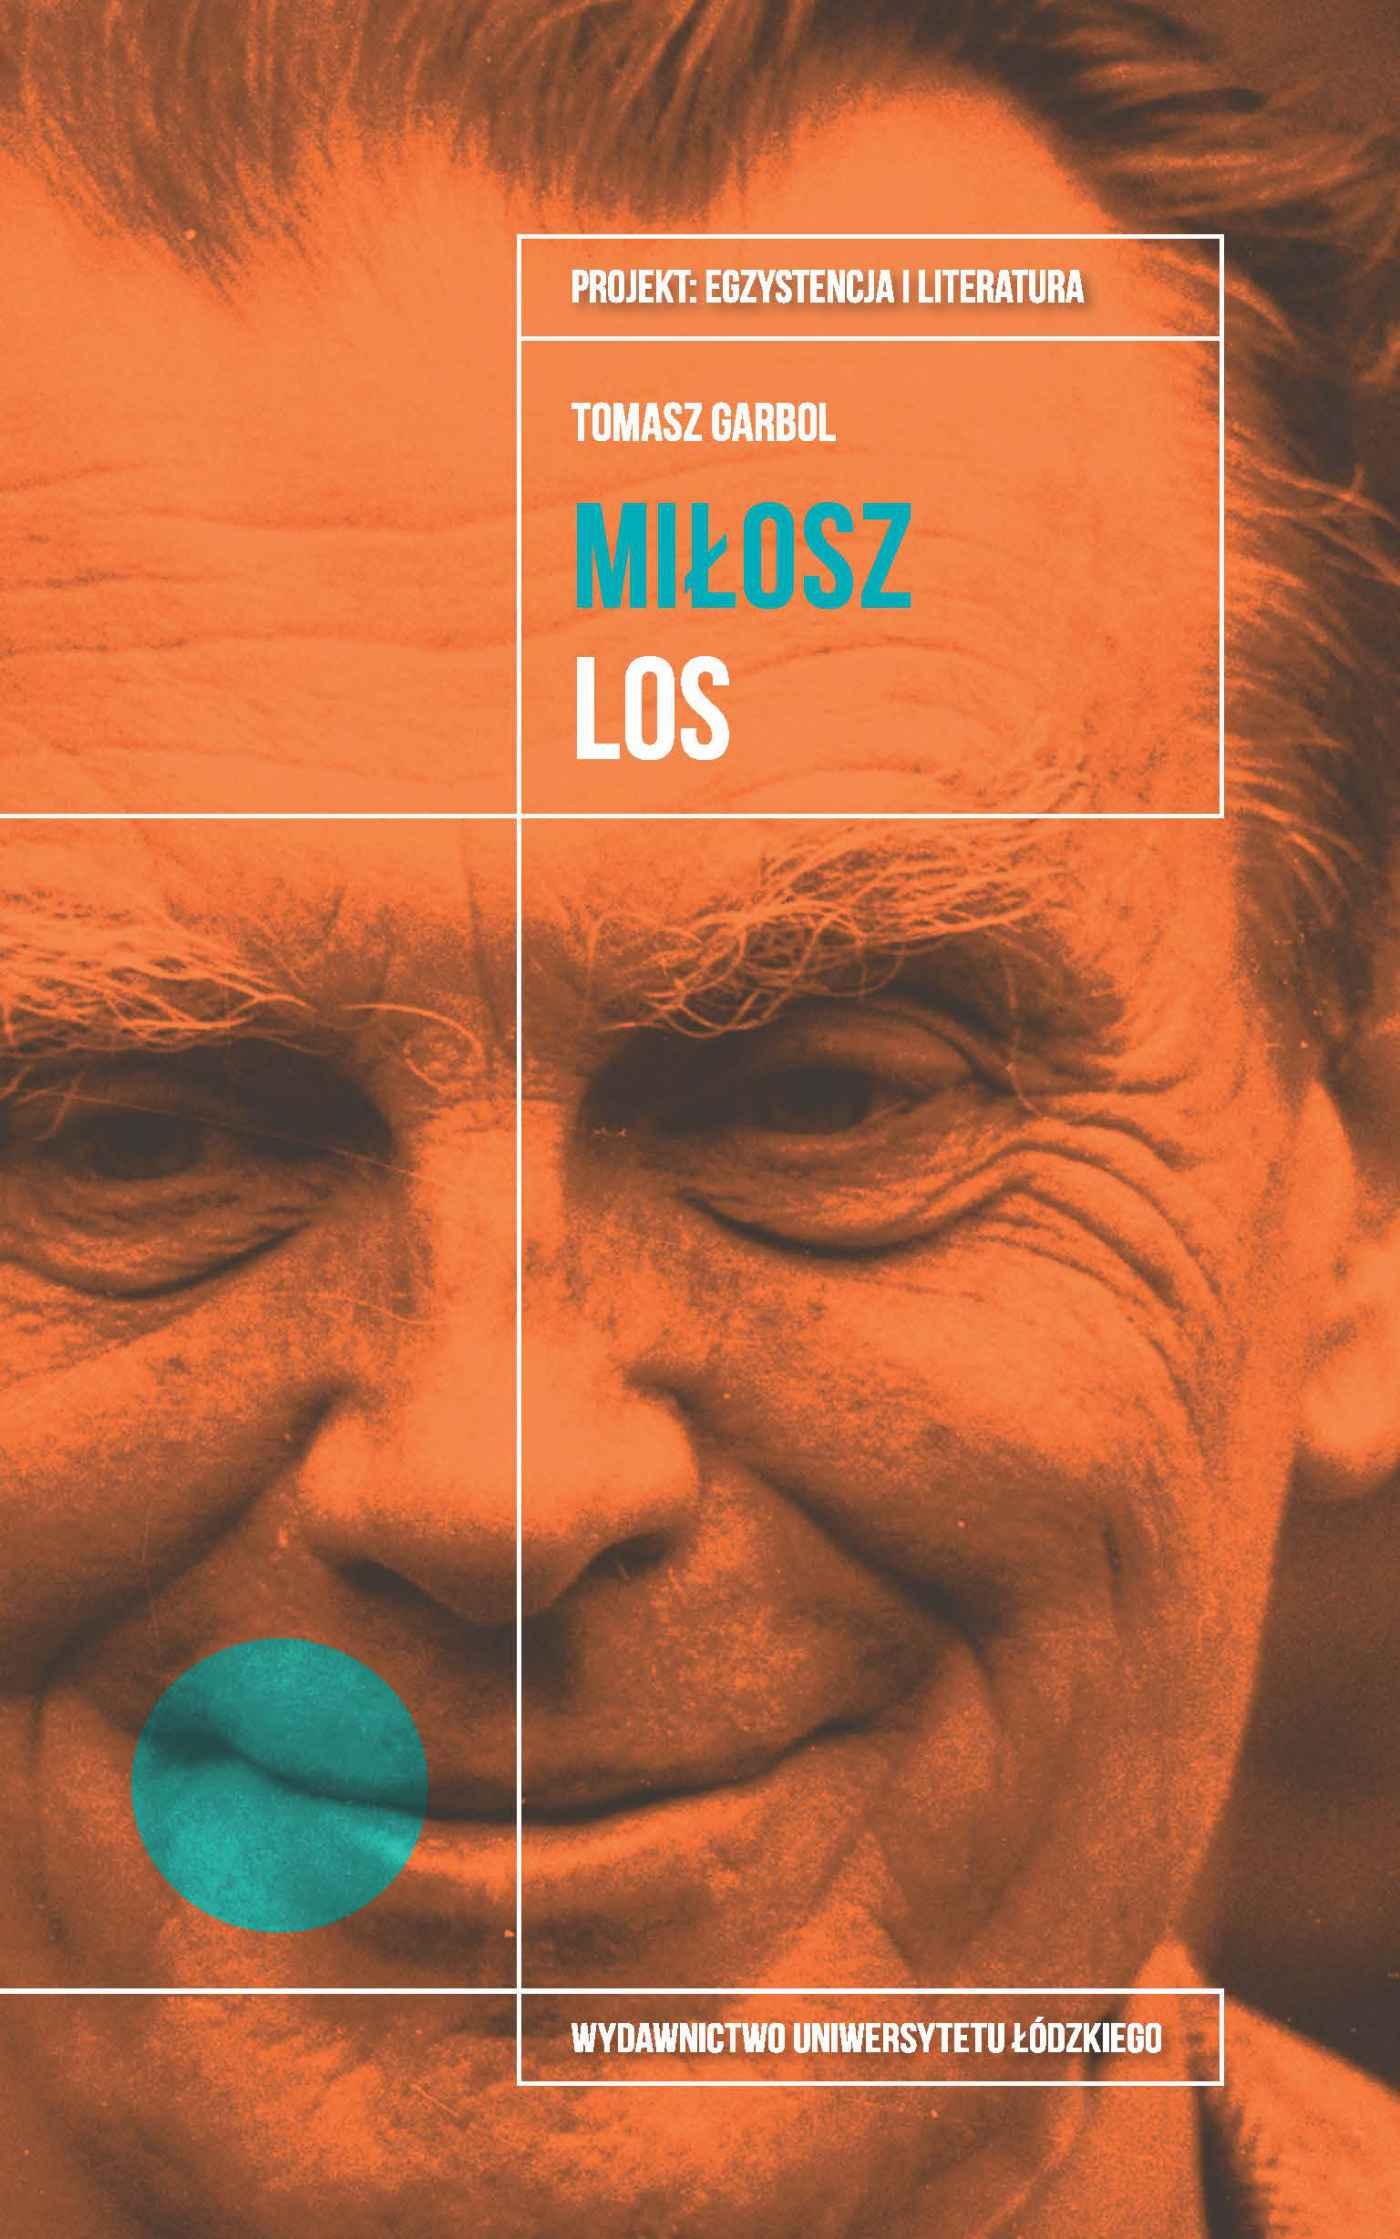 Czesław Miłosz. Los - Ebook (Książka PDF) do pobrania w formacie PDF